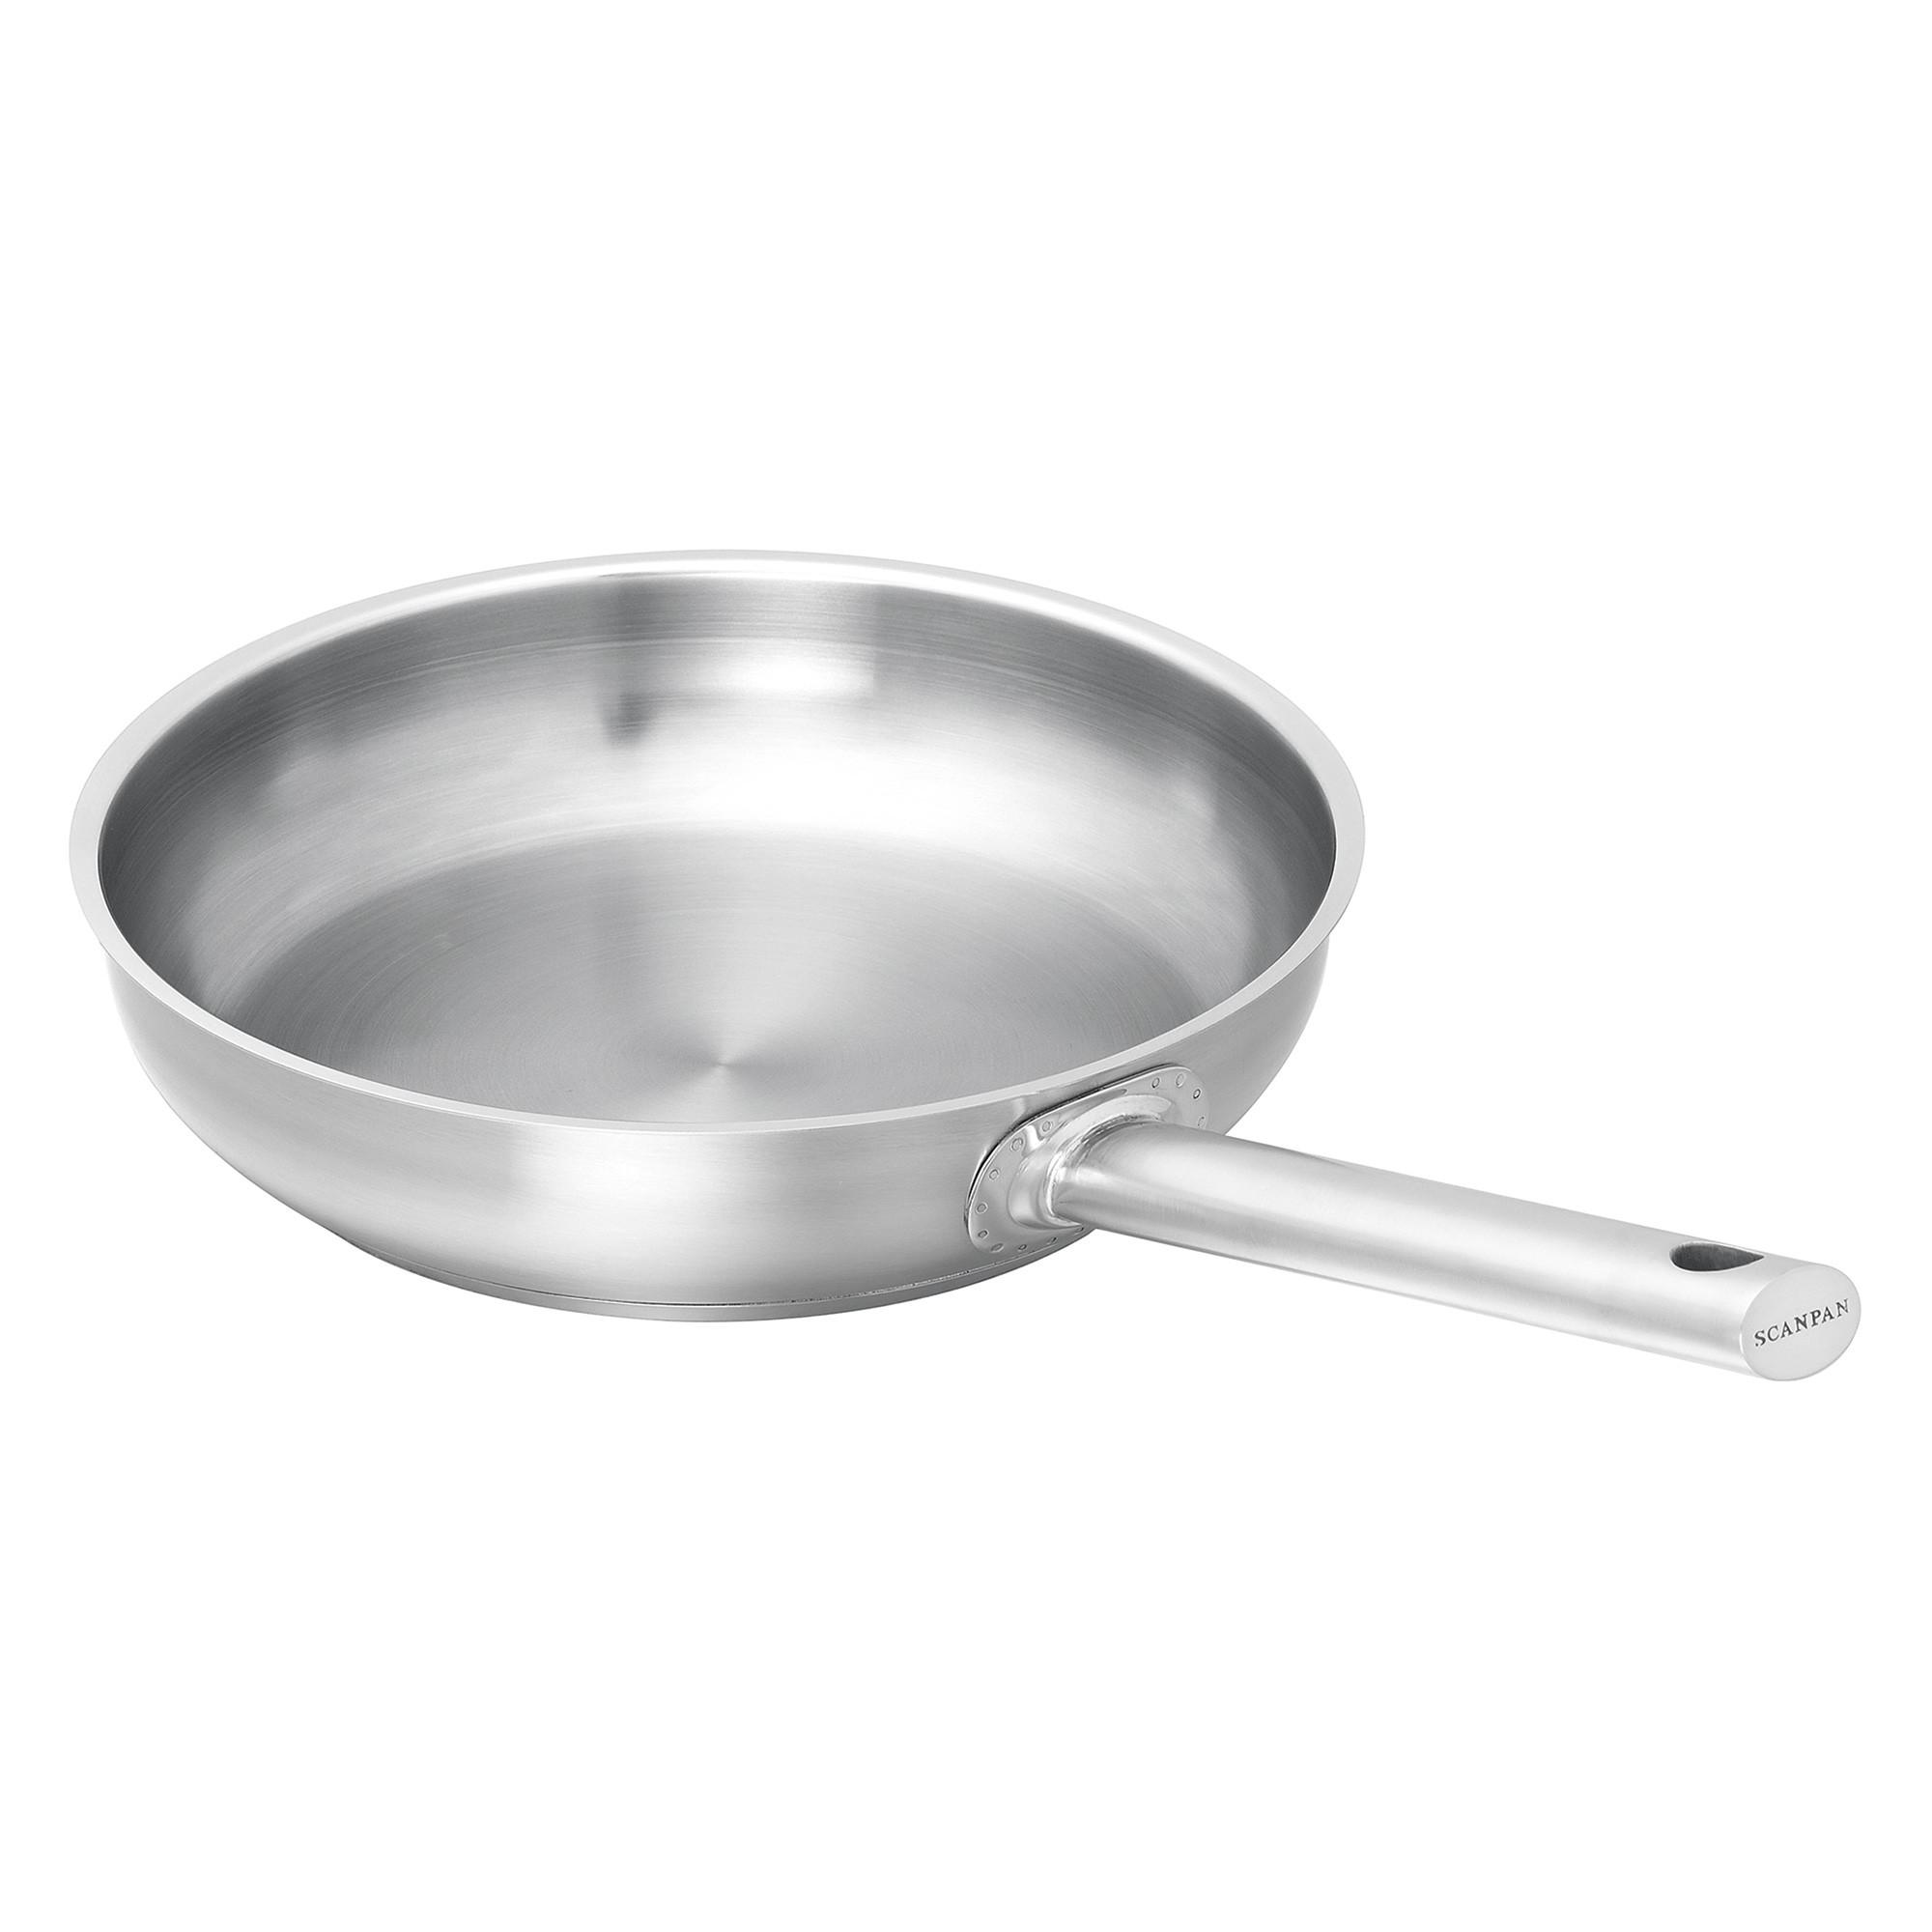 Scanpan Commercial 30cm Fry Pan